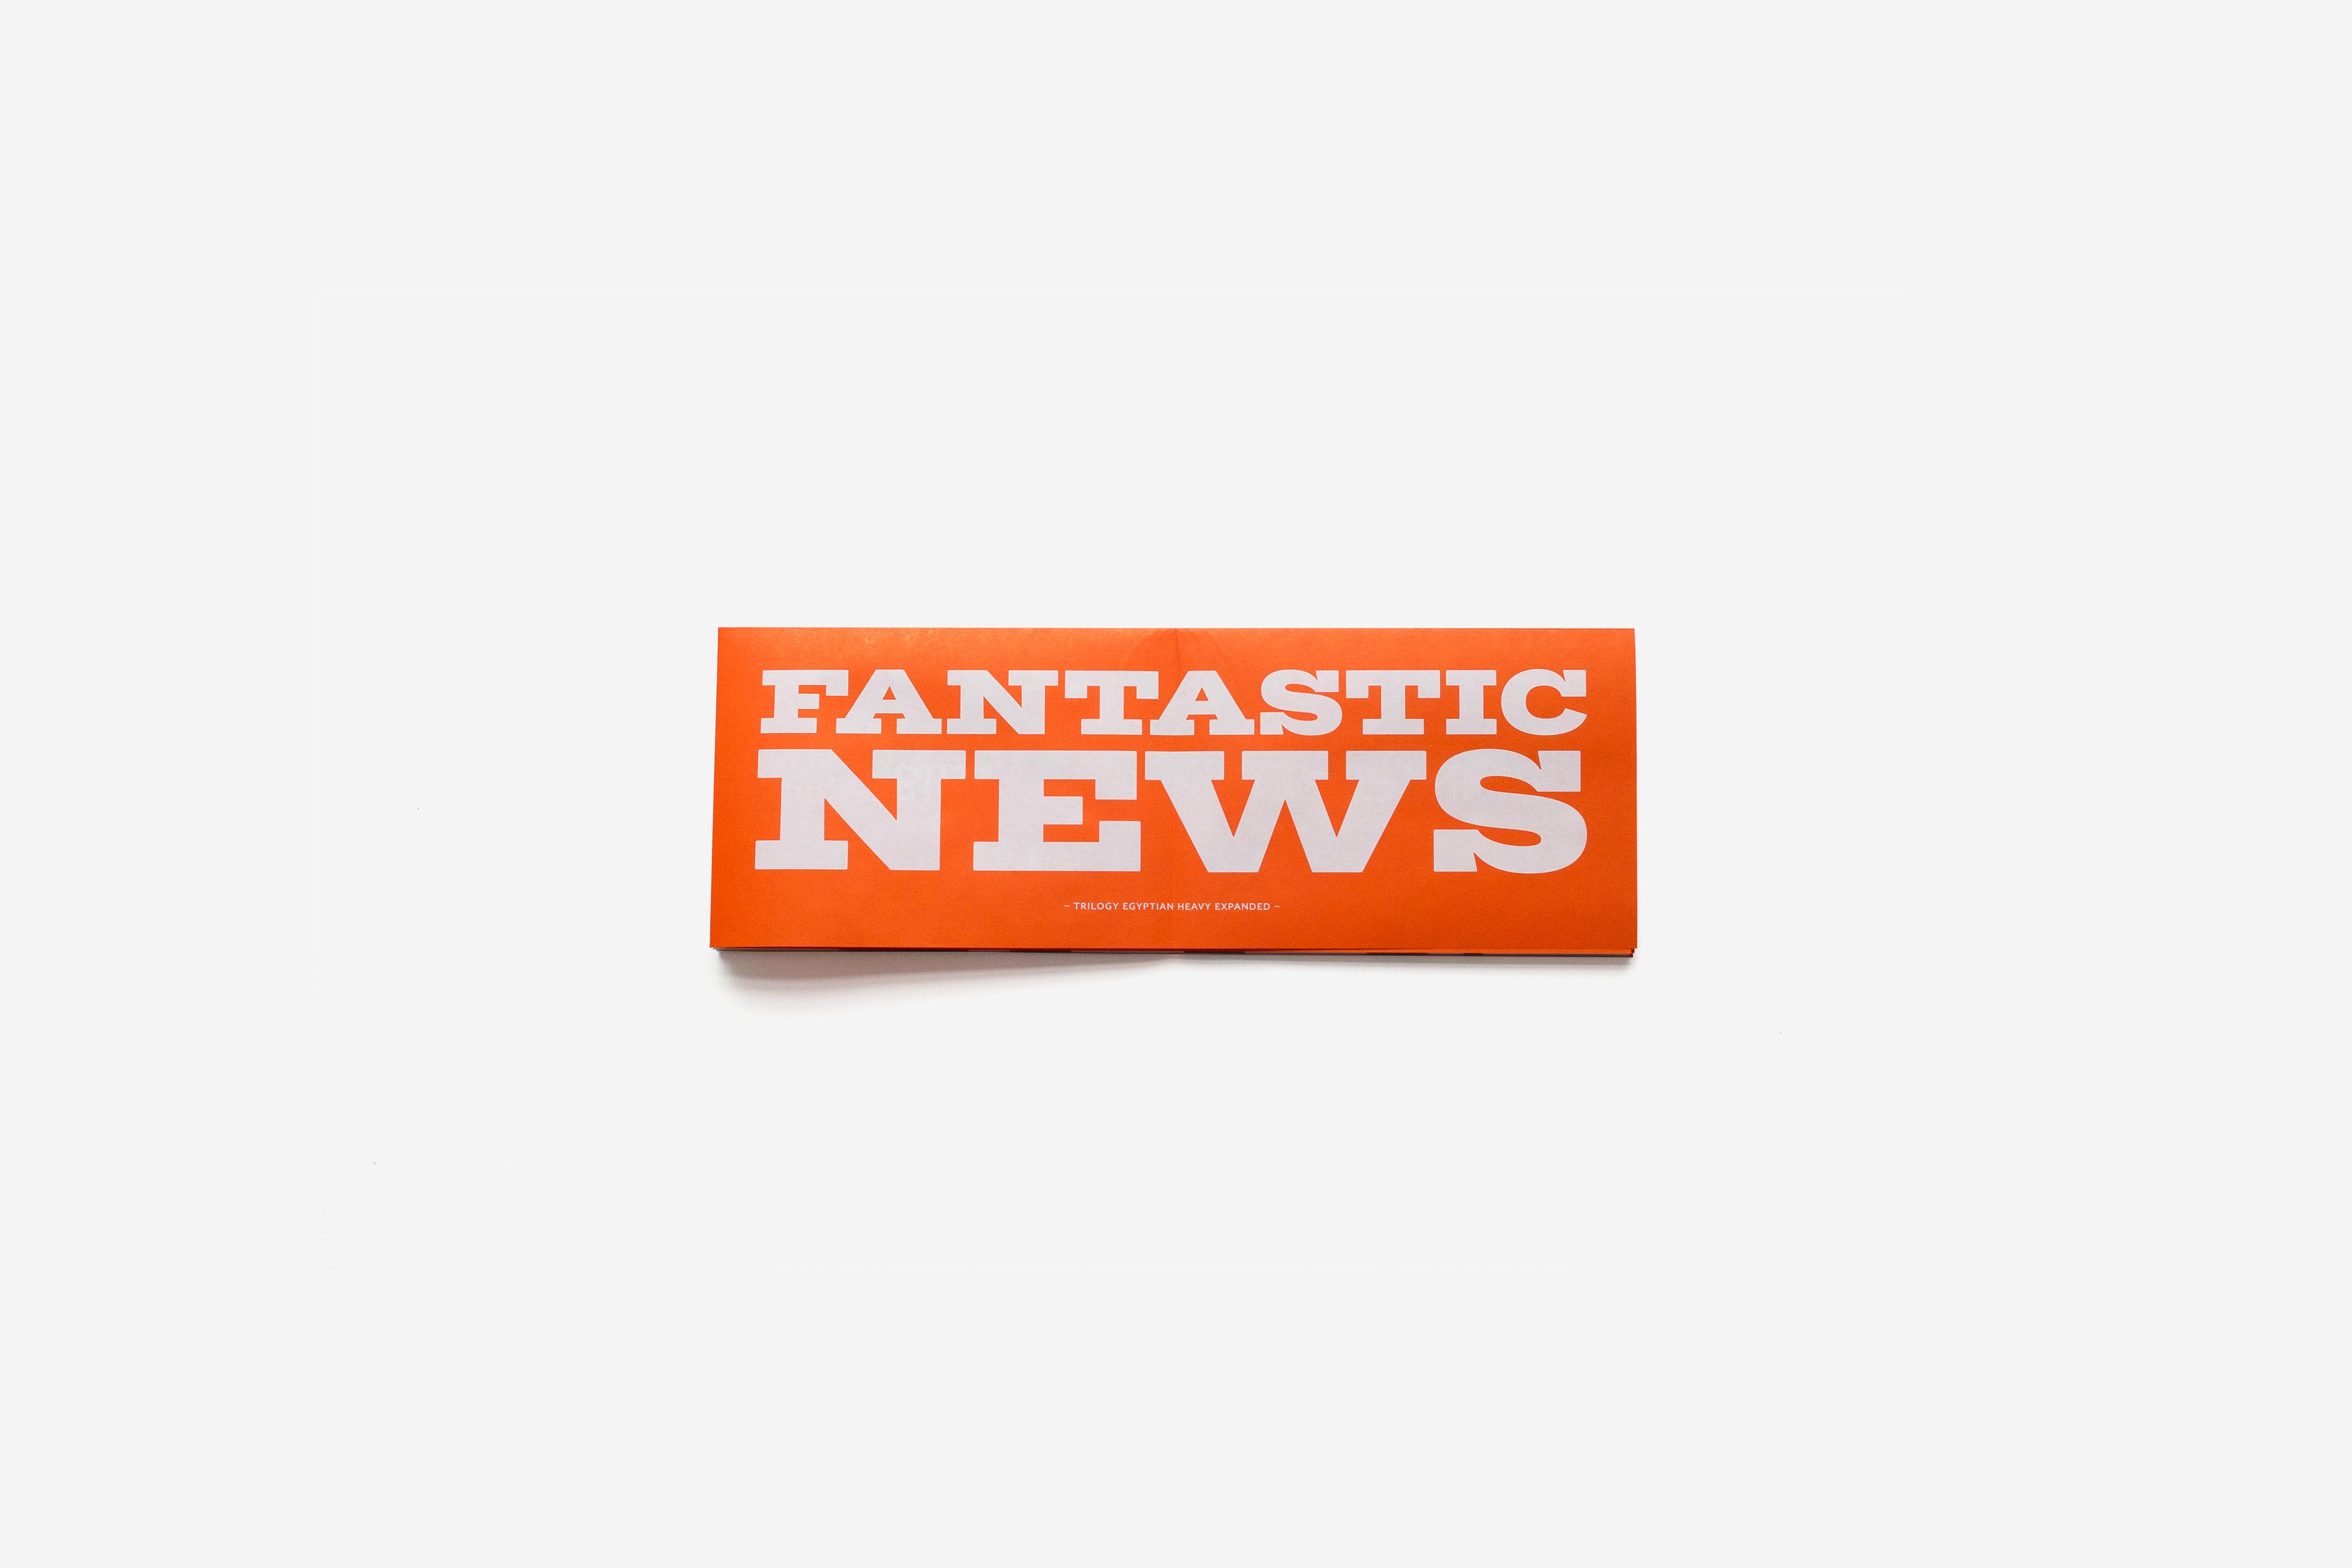 JT_insert_fantasticnews